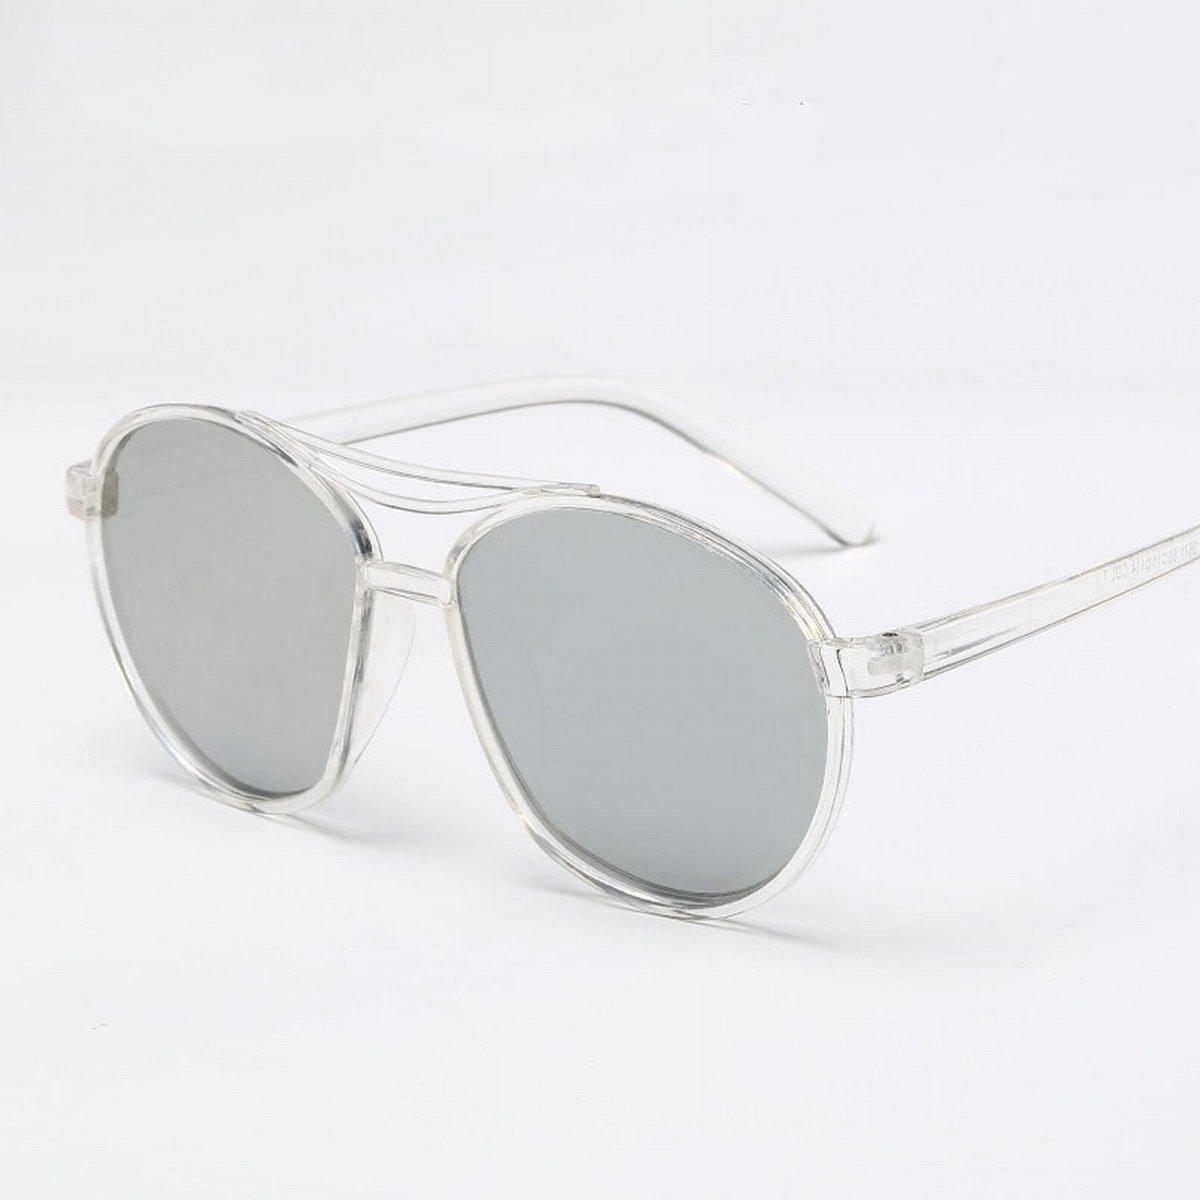 mode trimmen sonnenbrille Männer und frauen helle reflektierende Spiegel sonnenbrillen heller schwarzer rahmen t7XgvwG